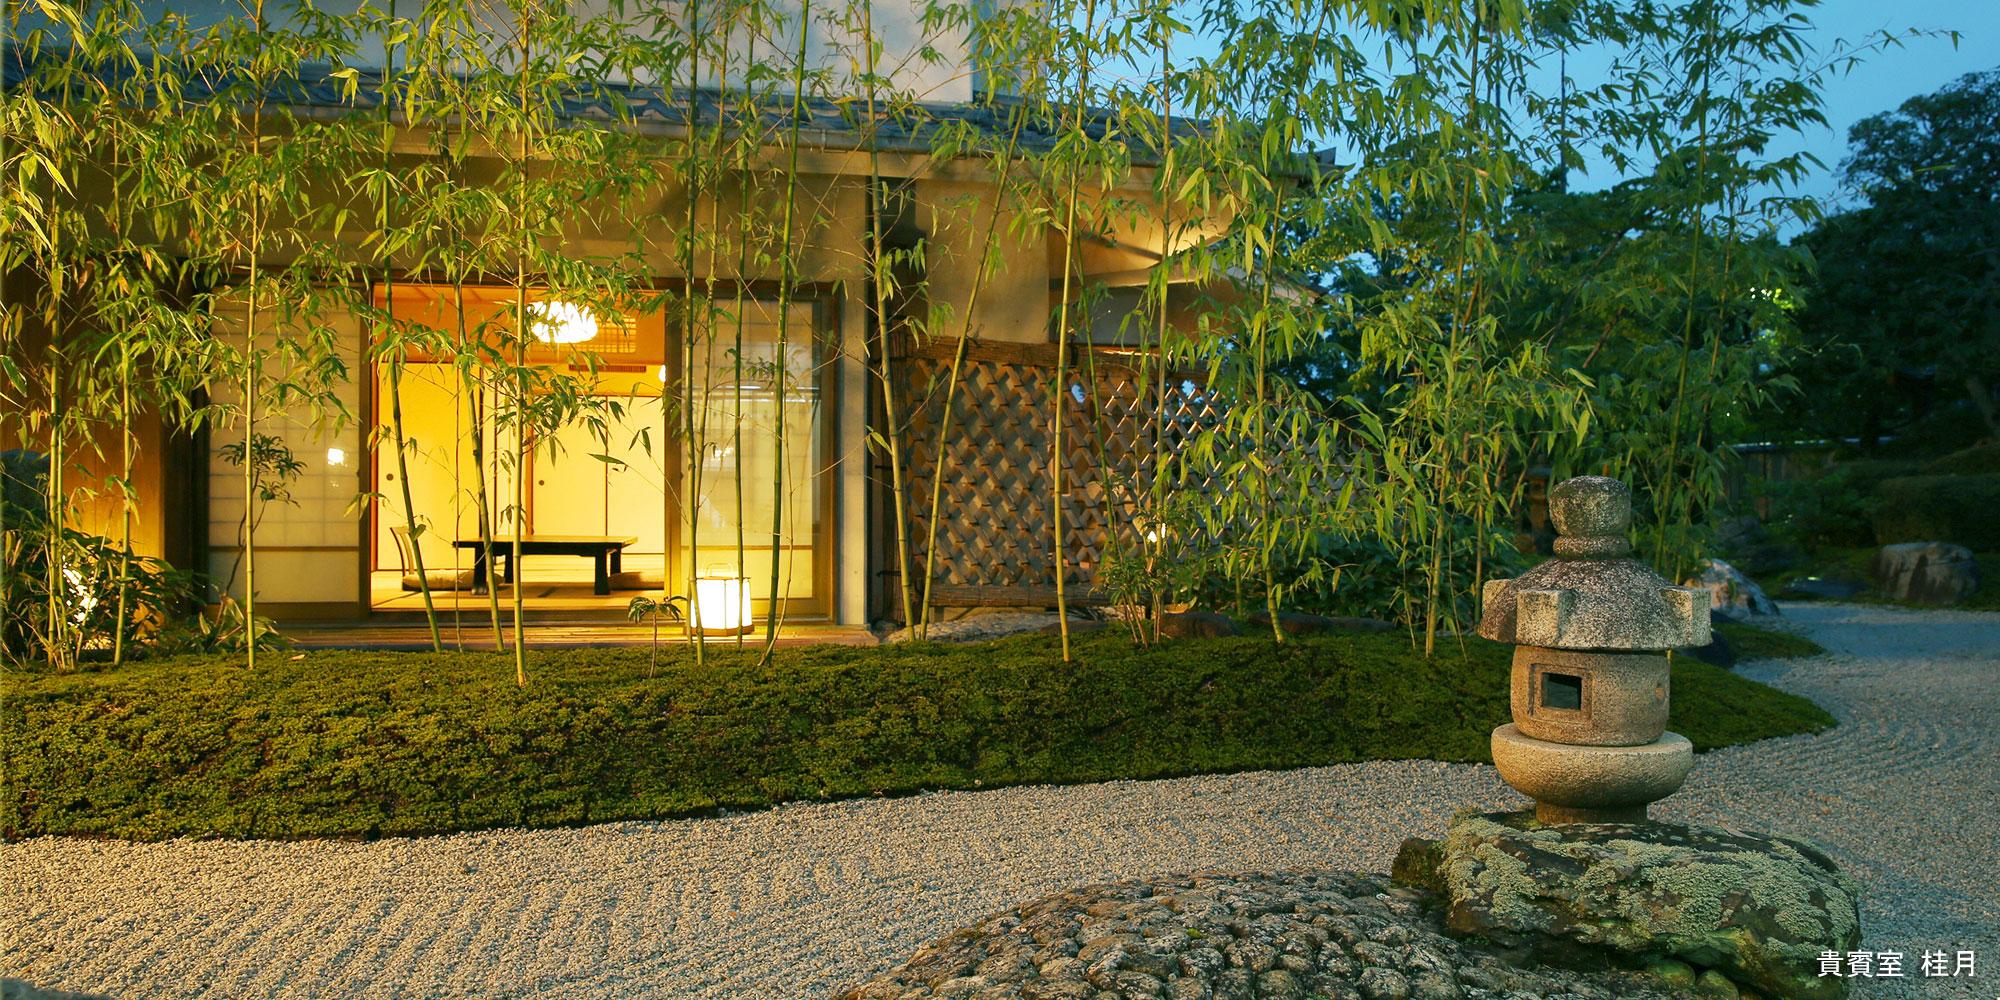 12月 貴賓室 桂月 - 山口県 萩市|世界遺産[萩城下町]唯一の旅館 萩城三の丸 北門屋敷